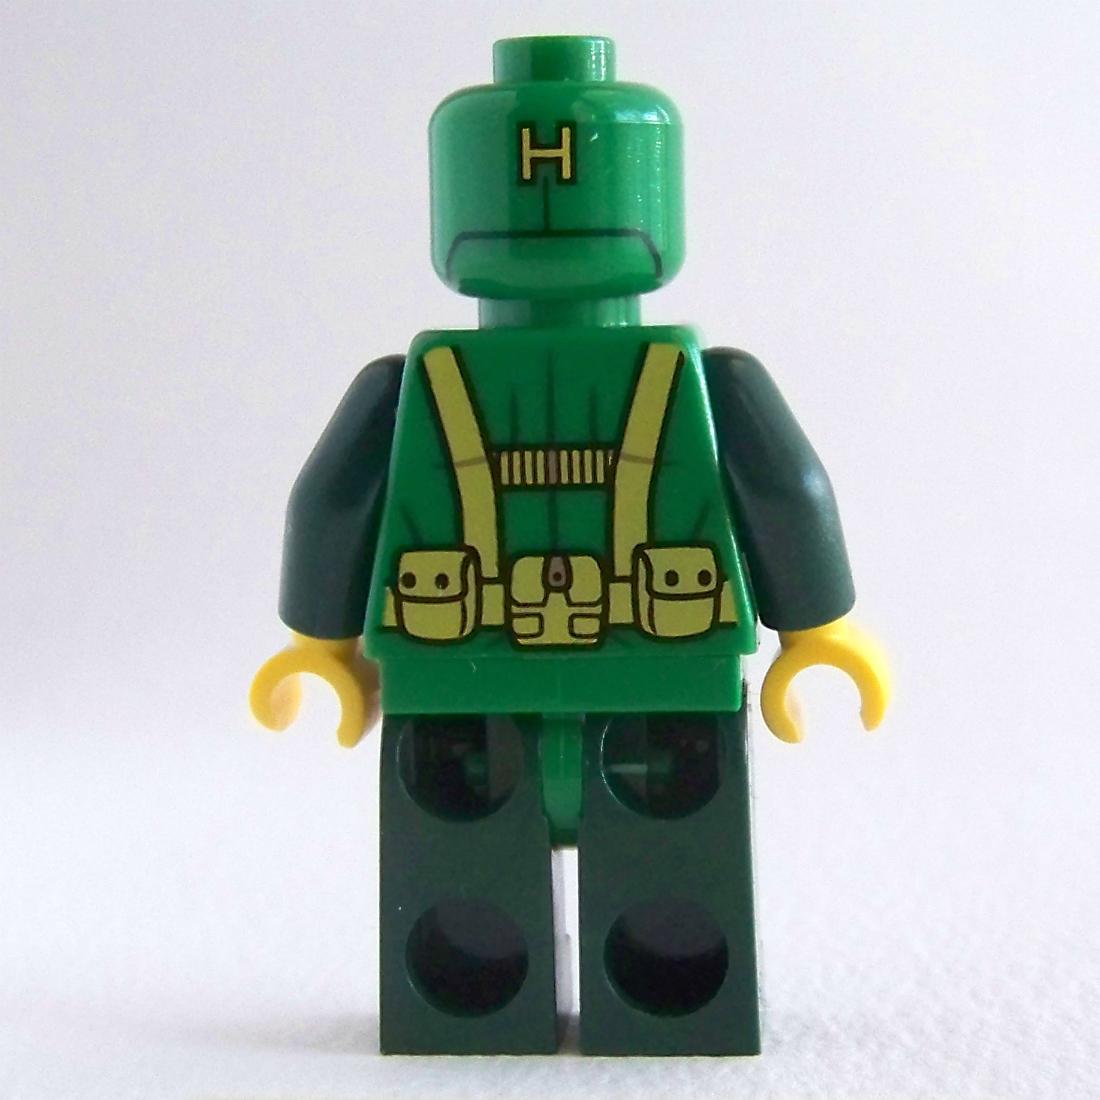 LEGO Hydra army